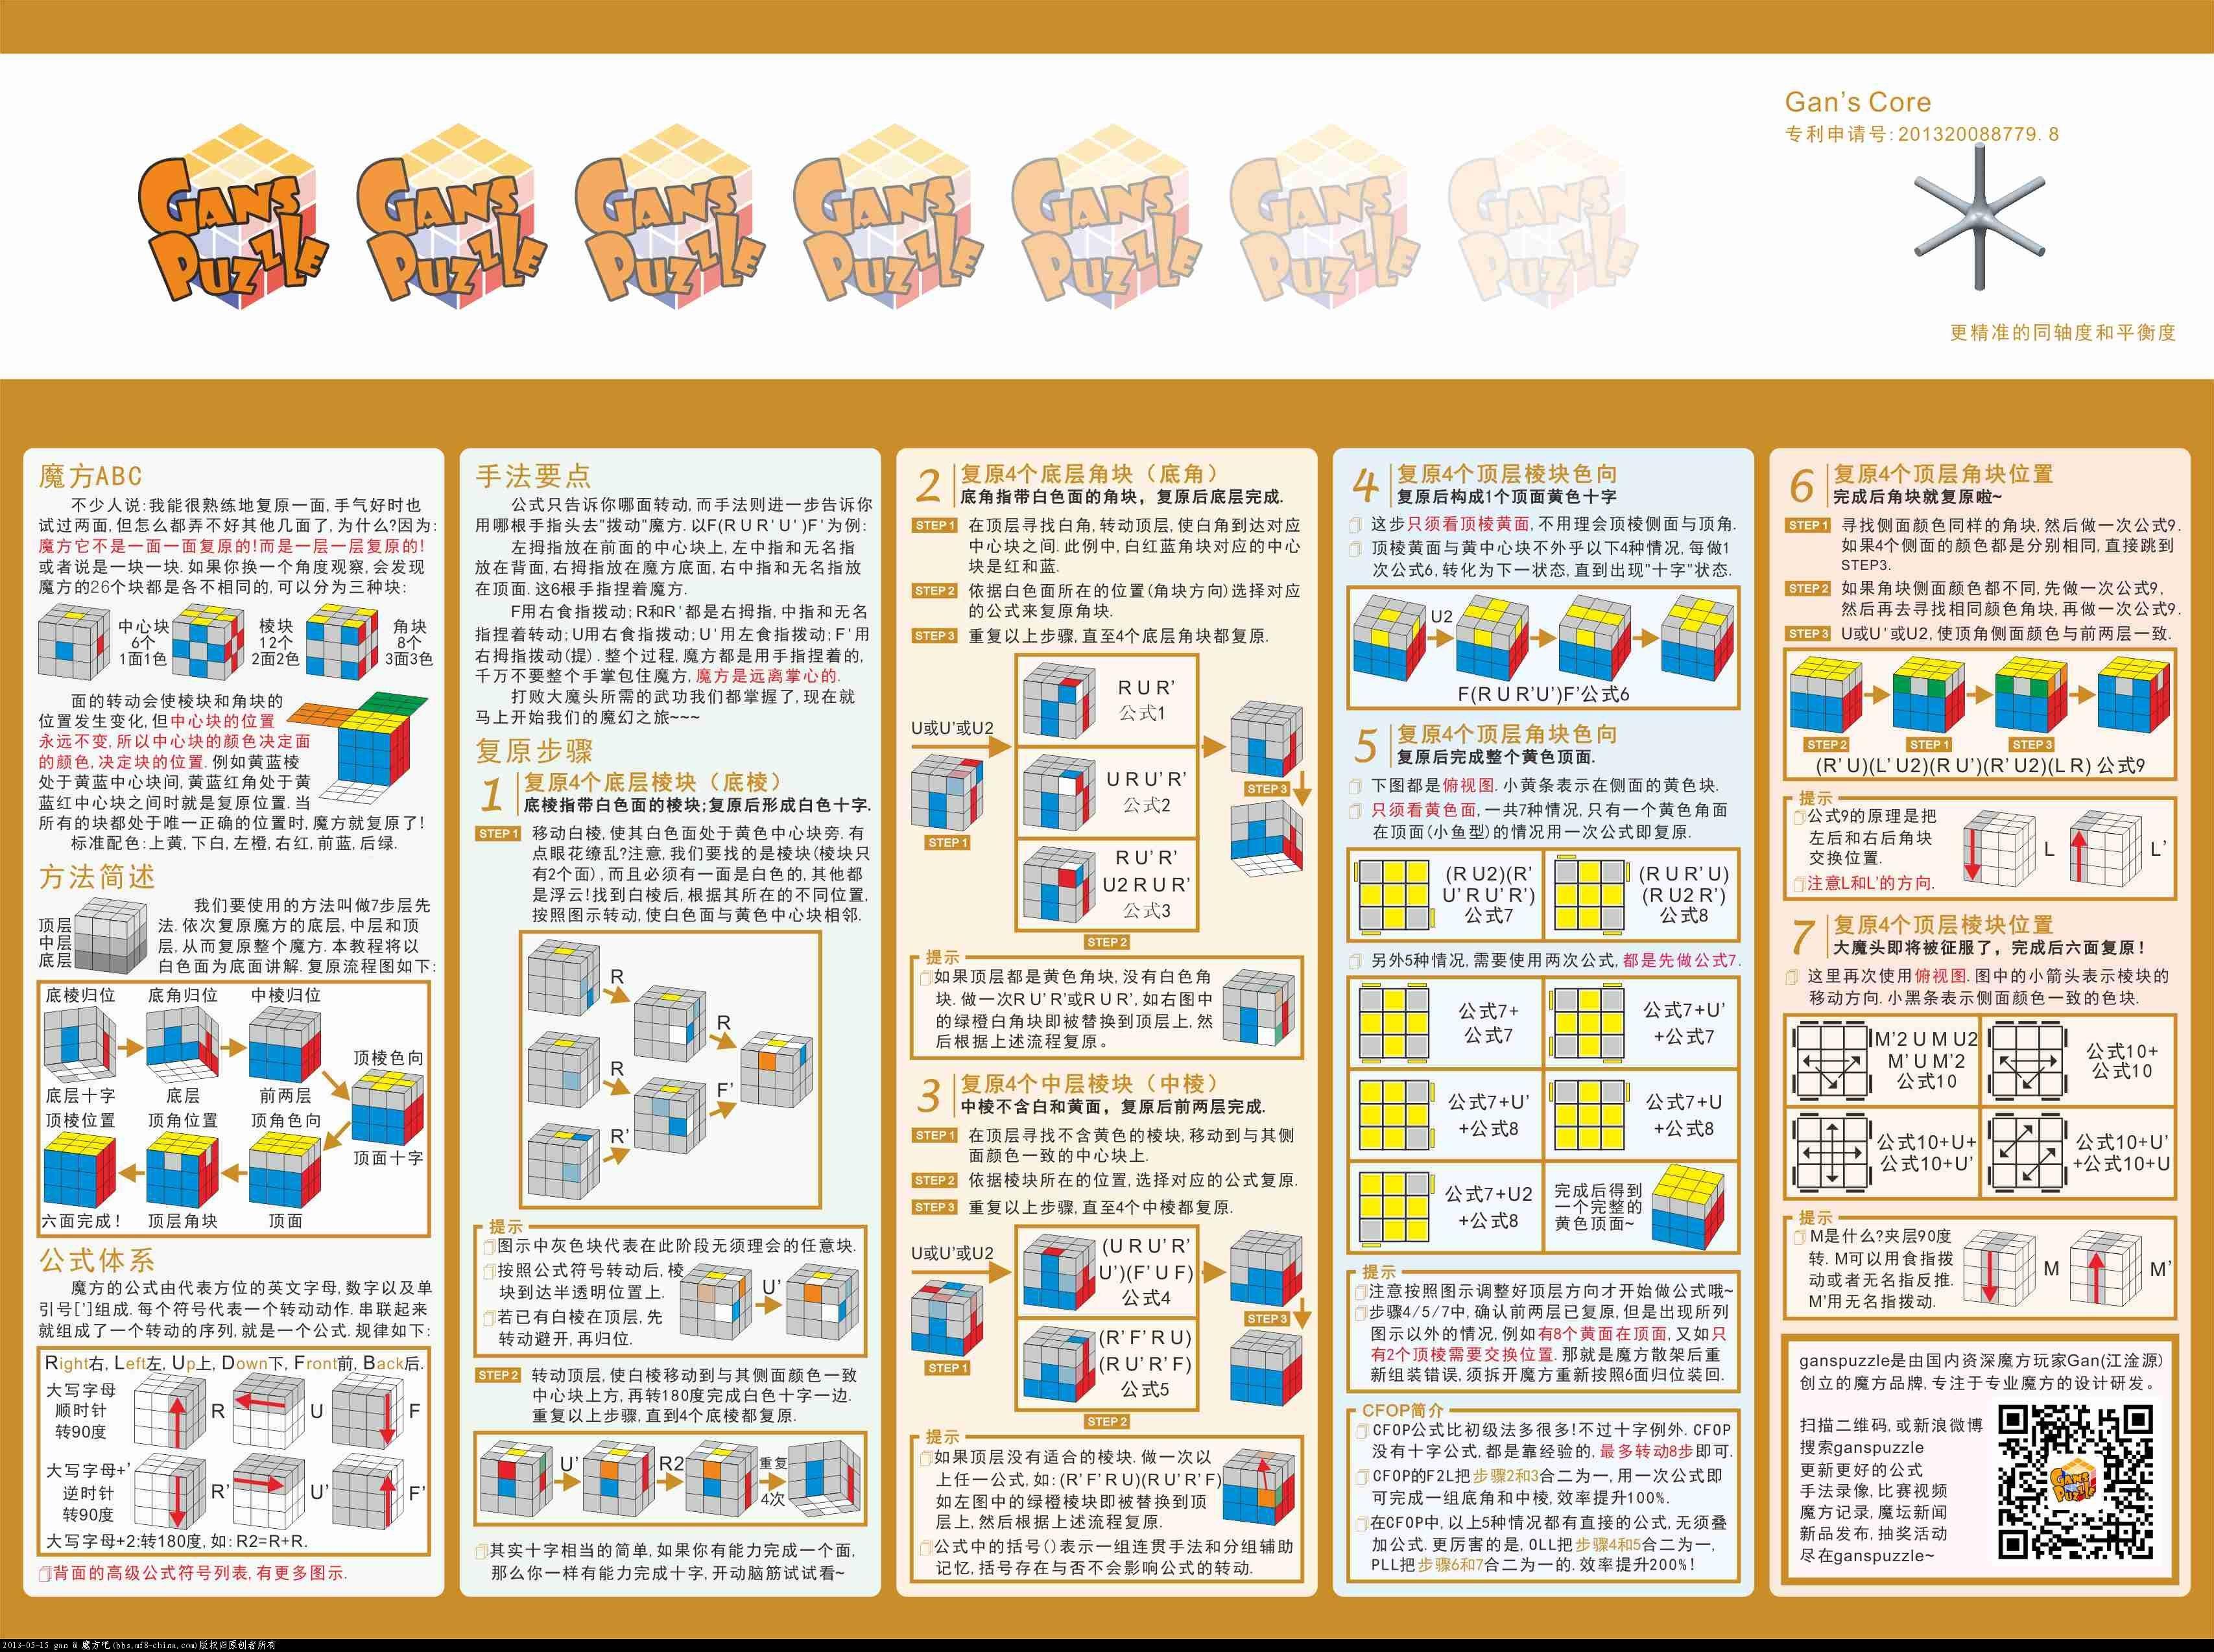 阶魔方图解下载 二阶魔方教程 三阶魔方公式全图解图片